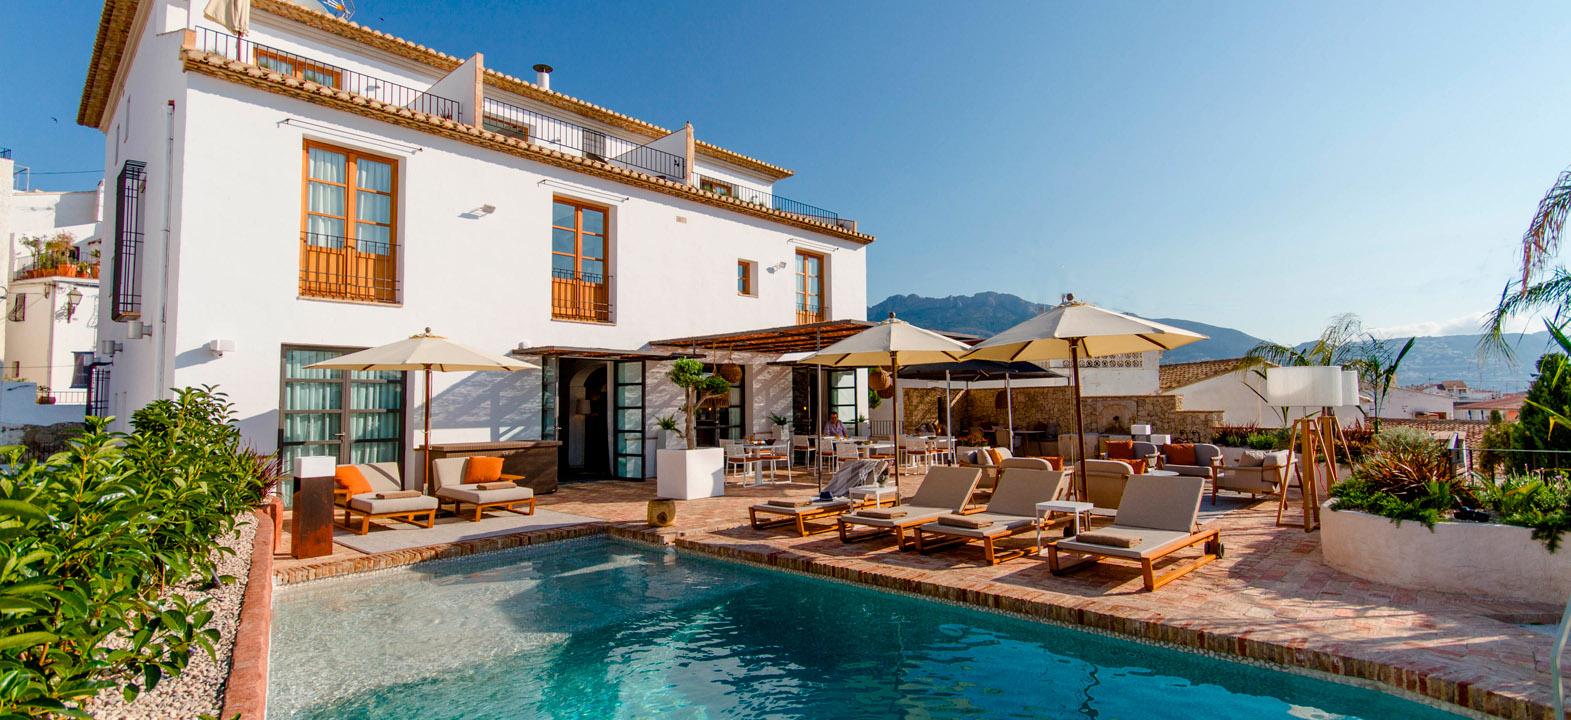 Hotel Boutique La Serena en Altea – Alicante